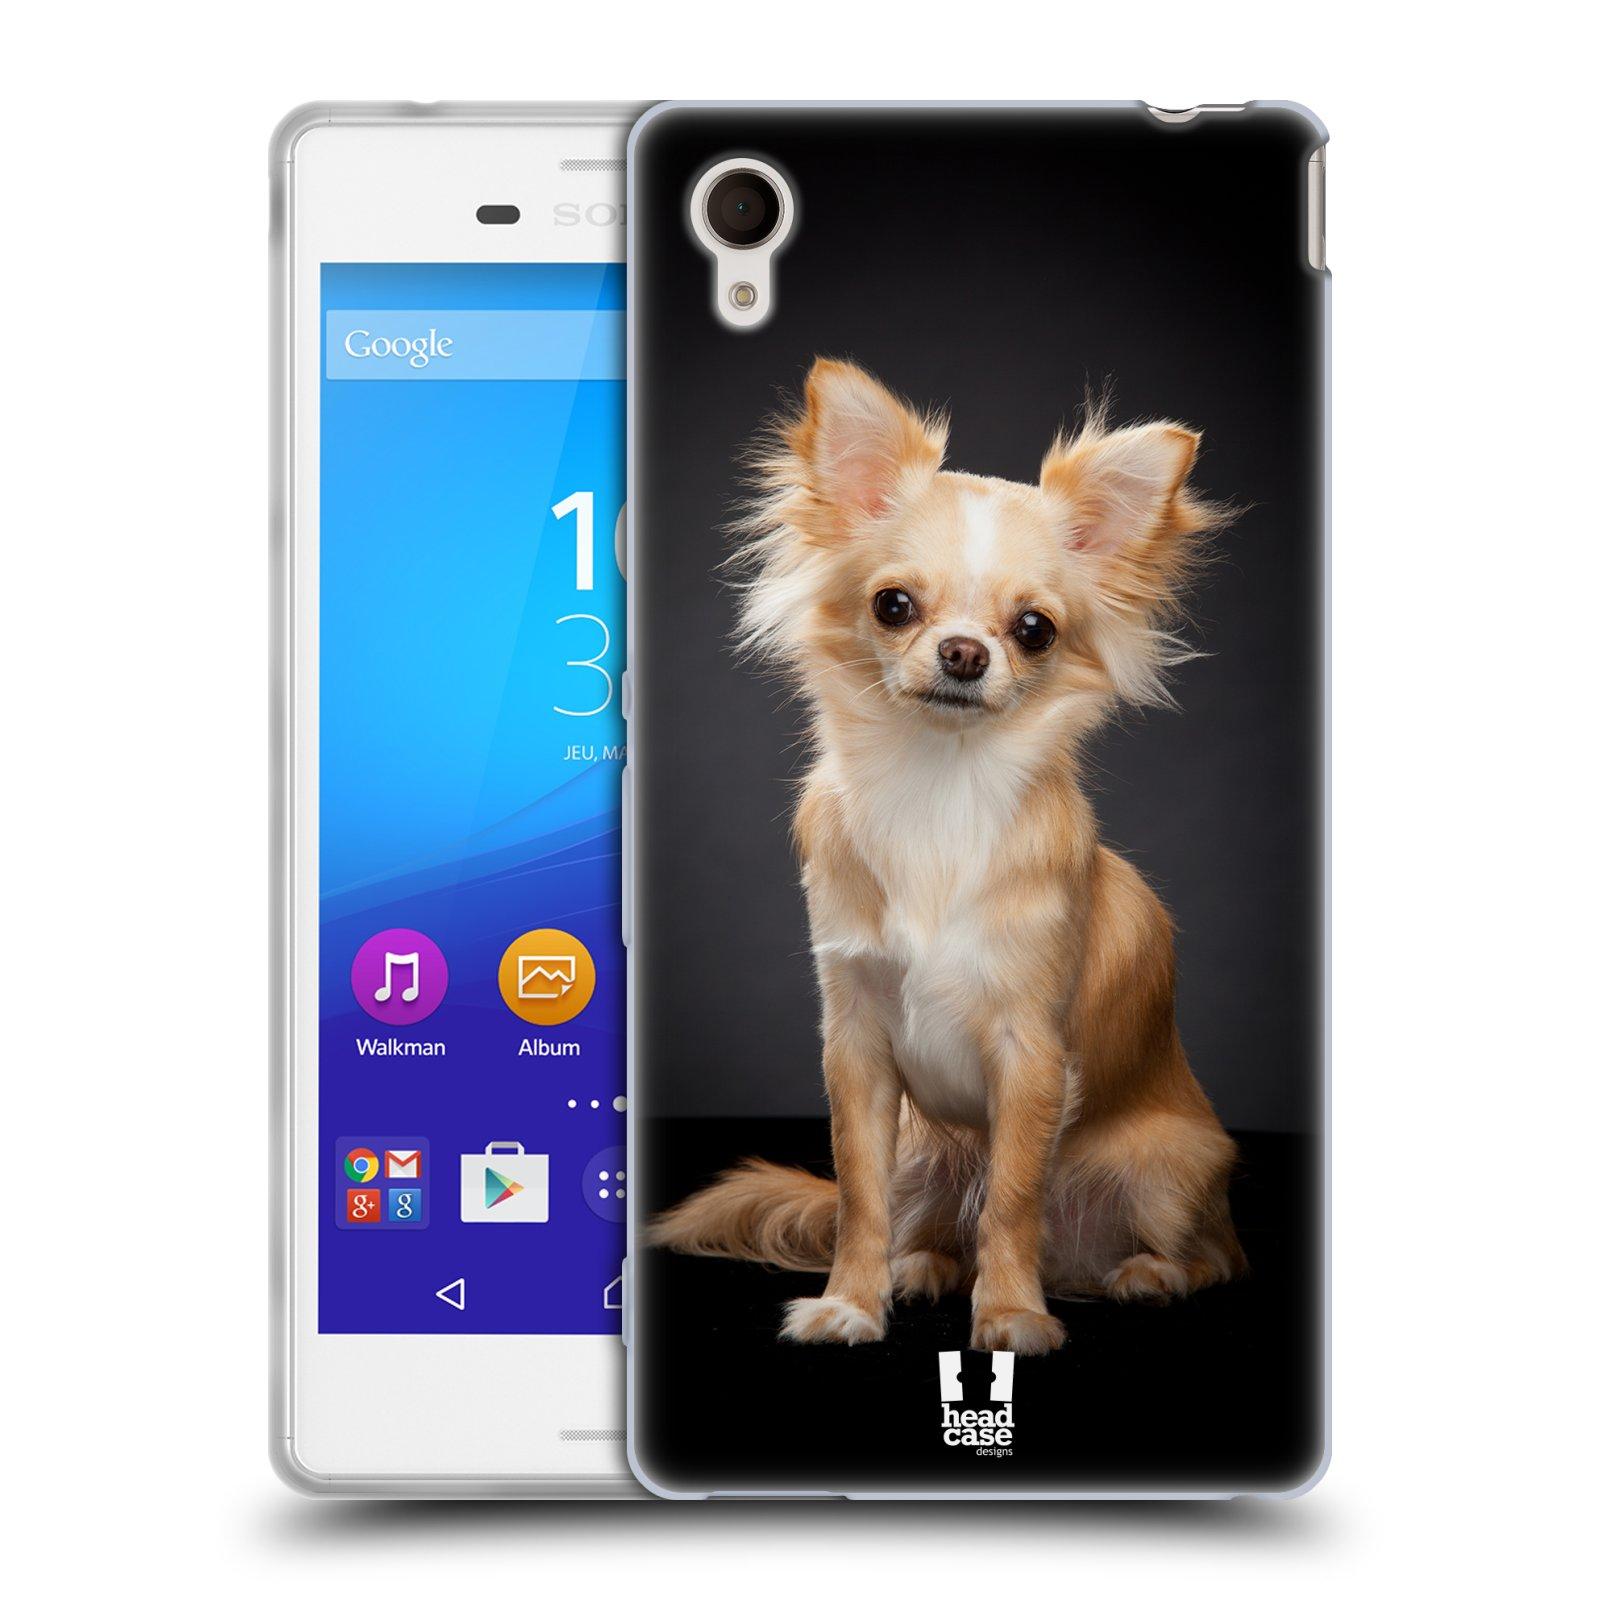 Silikonové pouzdro na mobil Sony Xperia M4 Aqua E2303 HEAD CASE ČIVAVA (Silikonový kryt či obal na mobilní telefon Sony Xperia M4 Aqua a M4 Aqua Dual SIM)